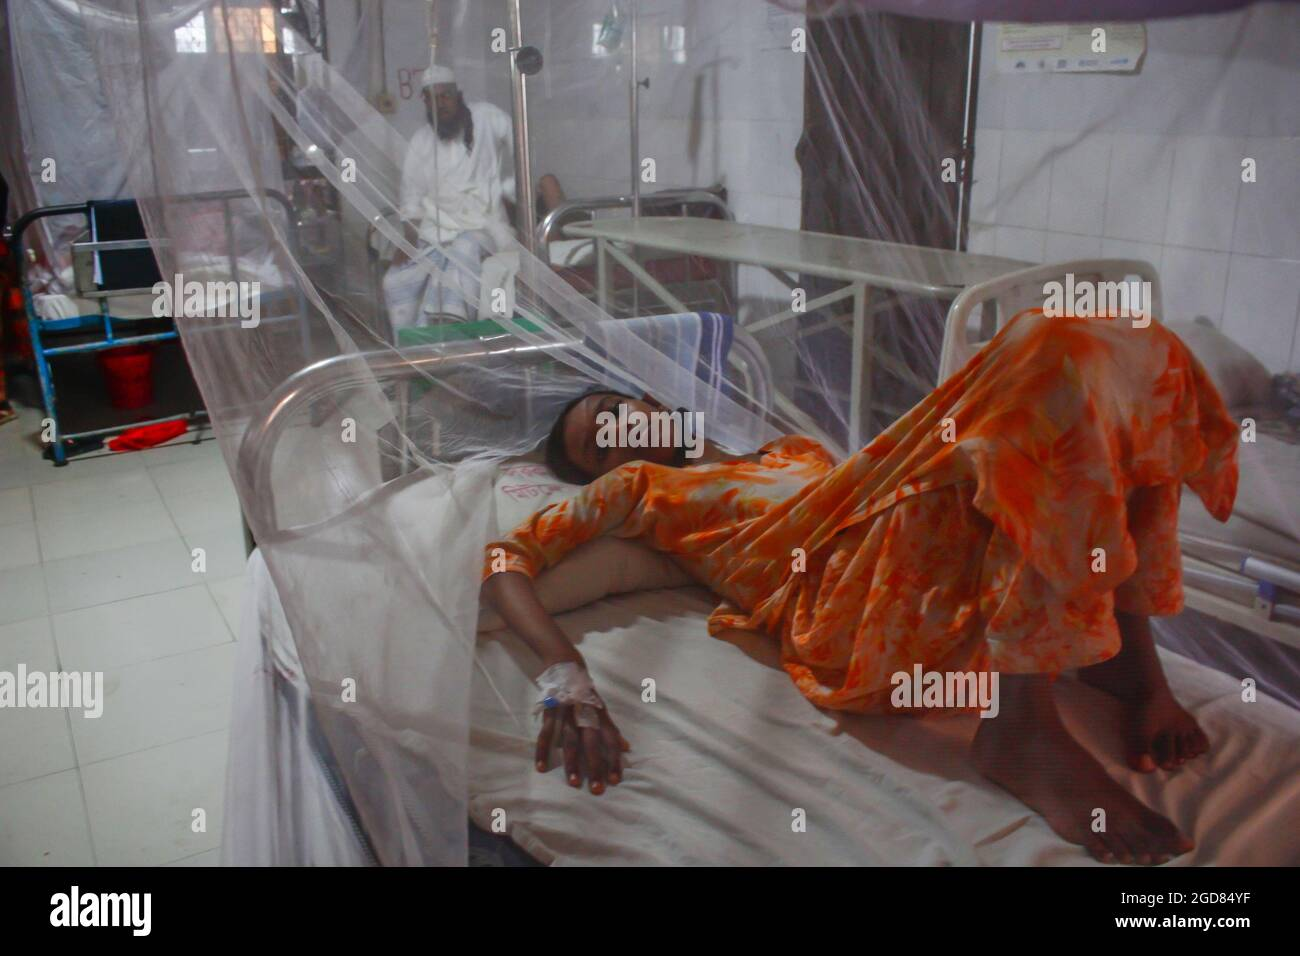 Dhaka, Bangladesh. 11 Agosto 2021. Le infezioni da dengue sono diventate una crisi in Bangladesh, poiché in media 75 casi sono stati segnalati ogni giorno durante questo mese. In quel momento il Bangladesh sta ancora cercando di sopravvivere con la pandemia del Covid-19. Nel frattempo i sintomi di dengue e Covid-19 sono abbastanza simili che rende difficile diagnosticarli in tempo. (Foto di MD IBRAHIM/Pacific Press) Credit: Pacific Press Media Production Corp./Alamy Live News Foto Stock